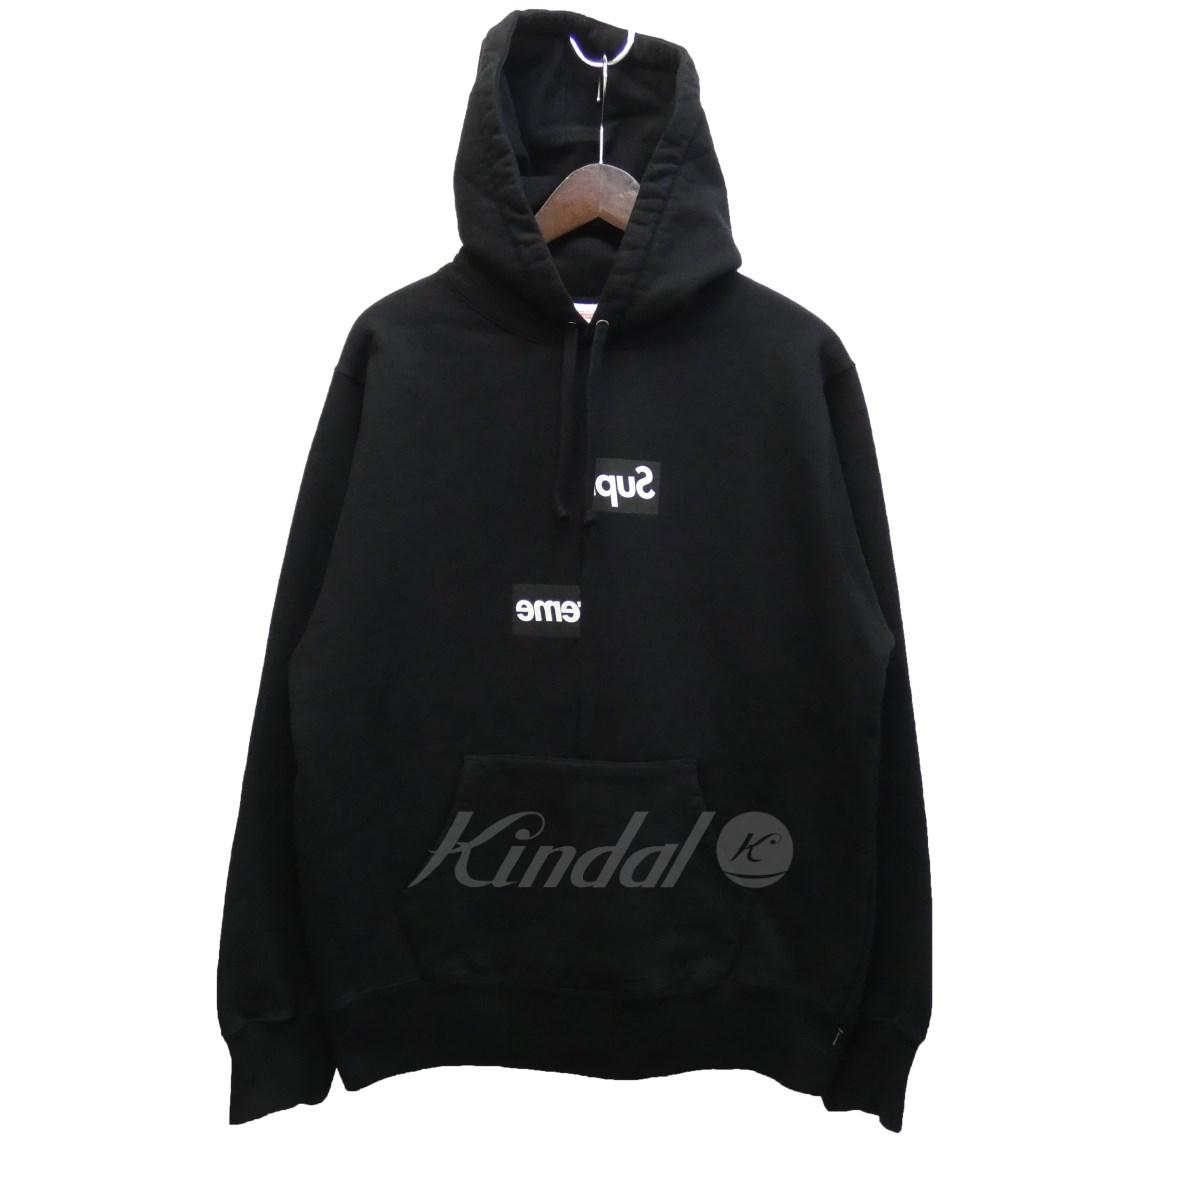 【中古】SUPREME×CdG SHIRT 18AW「Split Box Logo Hooded Sweatshirt」プルオーバーパーカー 【送料無料】 【102745】 【KIND1550】